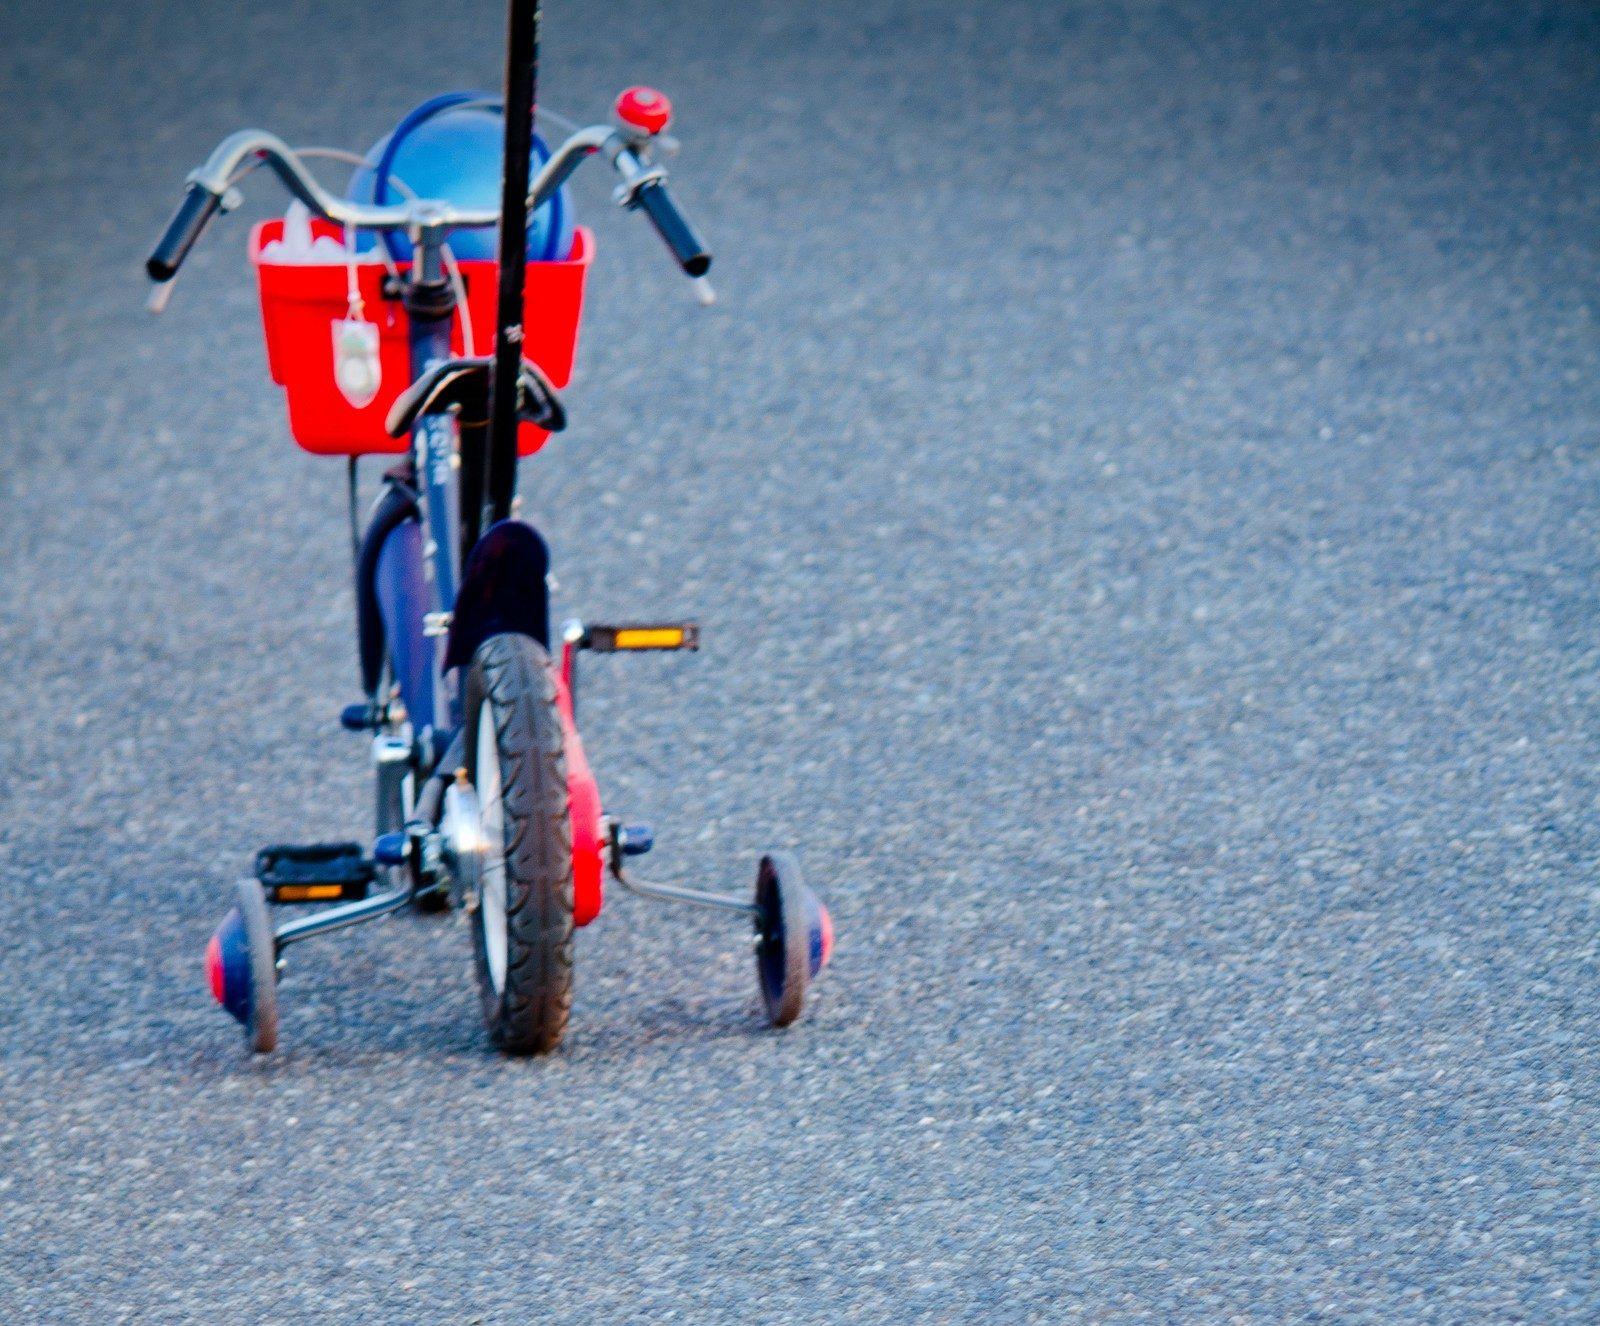 個人賠償責任保険(主に自転車保険)は月額140円!のコープ共済に決定